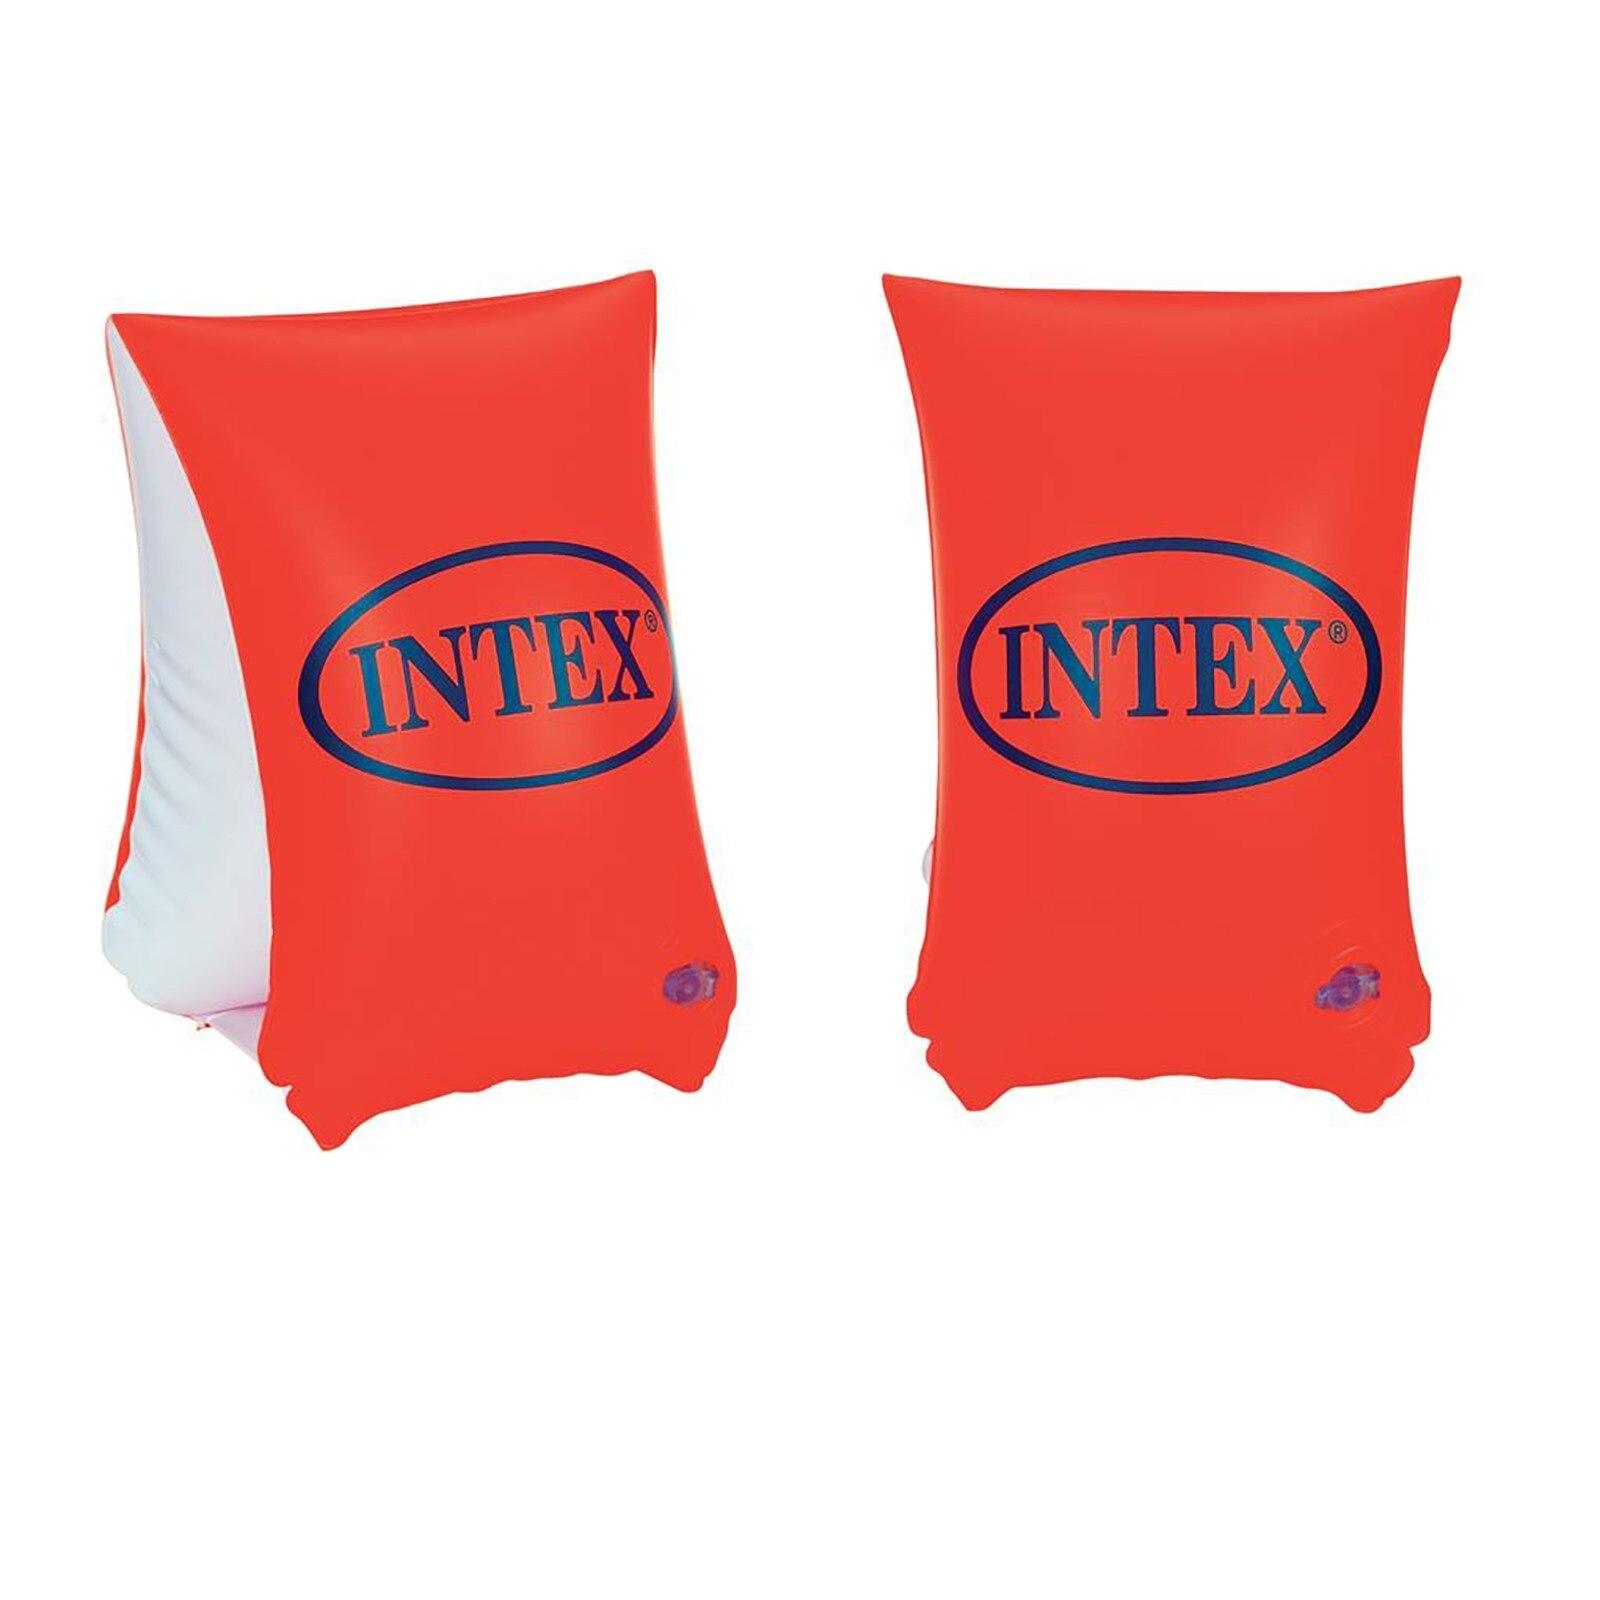 Ebebek İntex Red Arm Floats 30x15 Cm